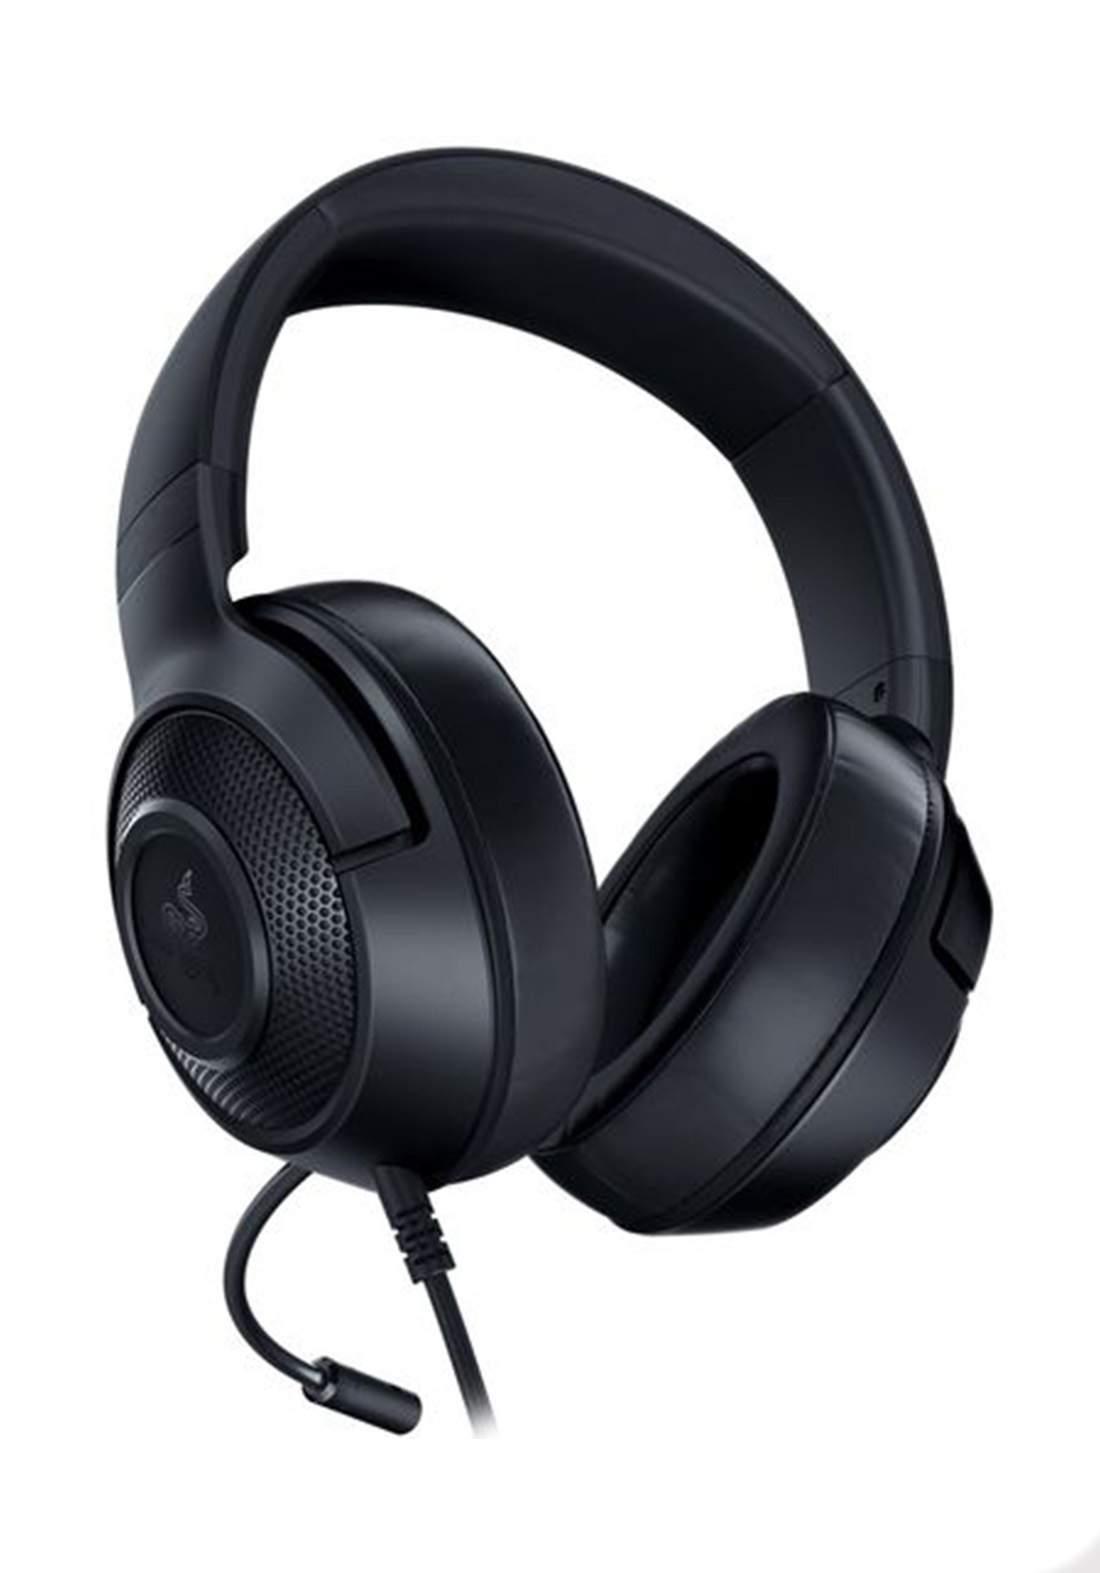 Razer Kraken Aux Headset - Black ?????